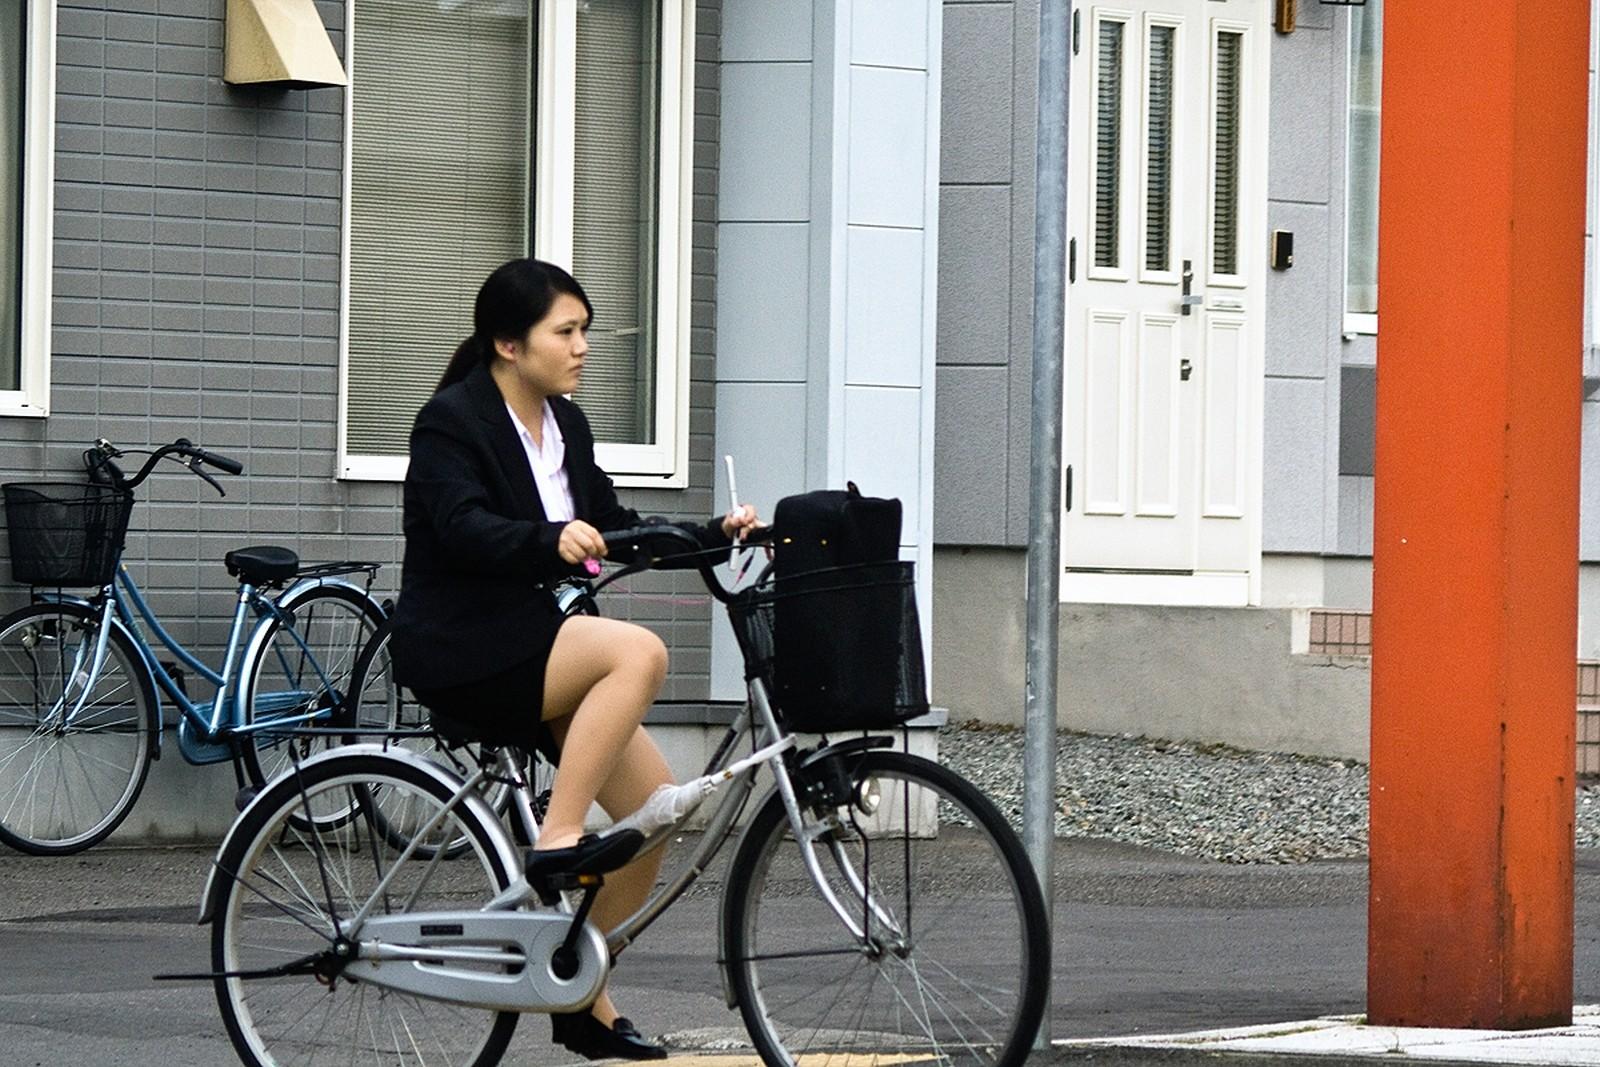 【街撮り美脚画像】大人の下半身を観察www自転車乗った働くおねえさん画像 17